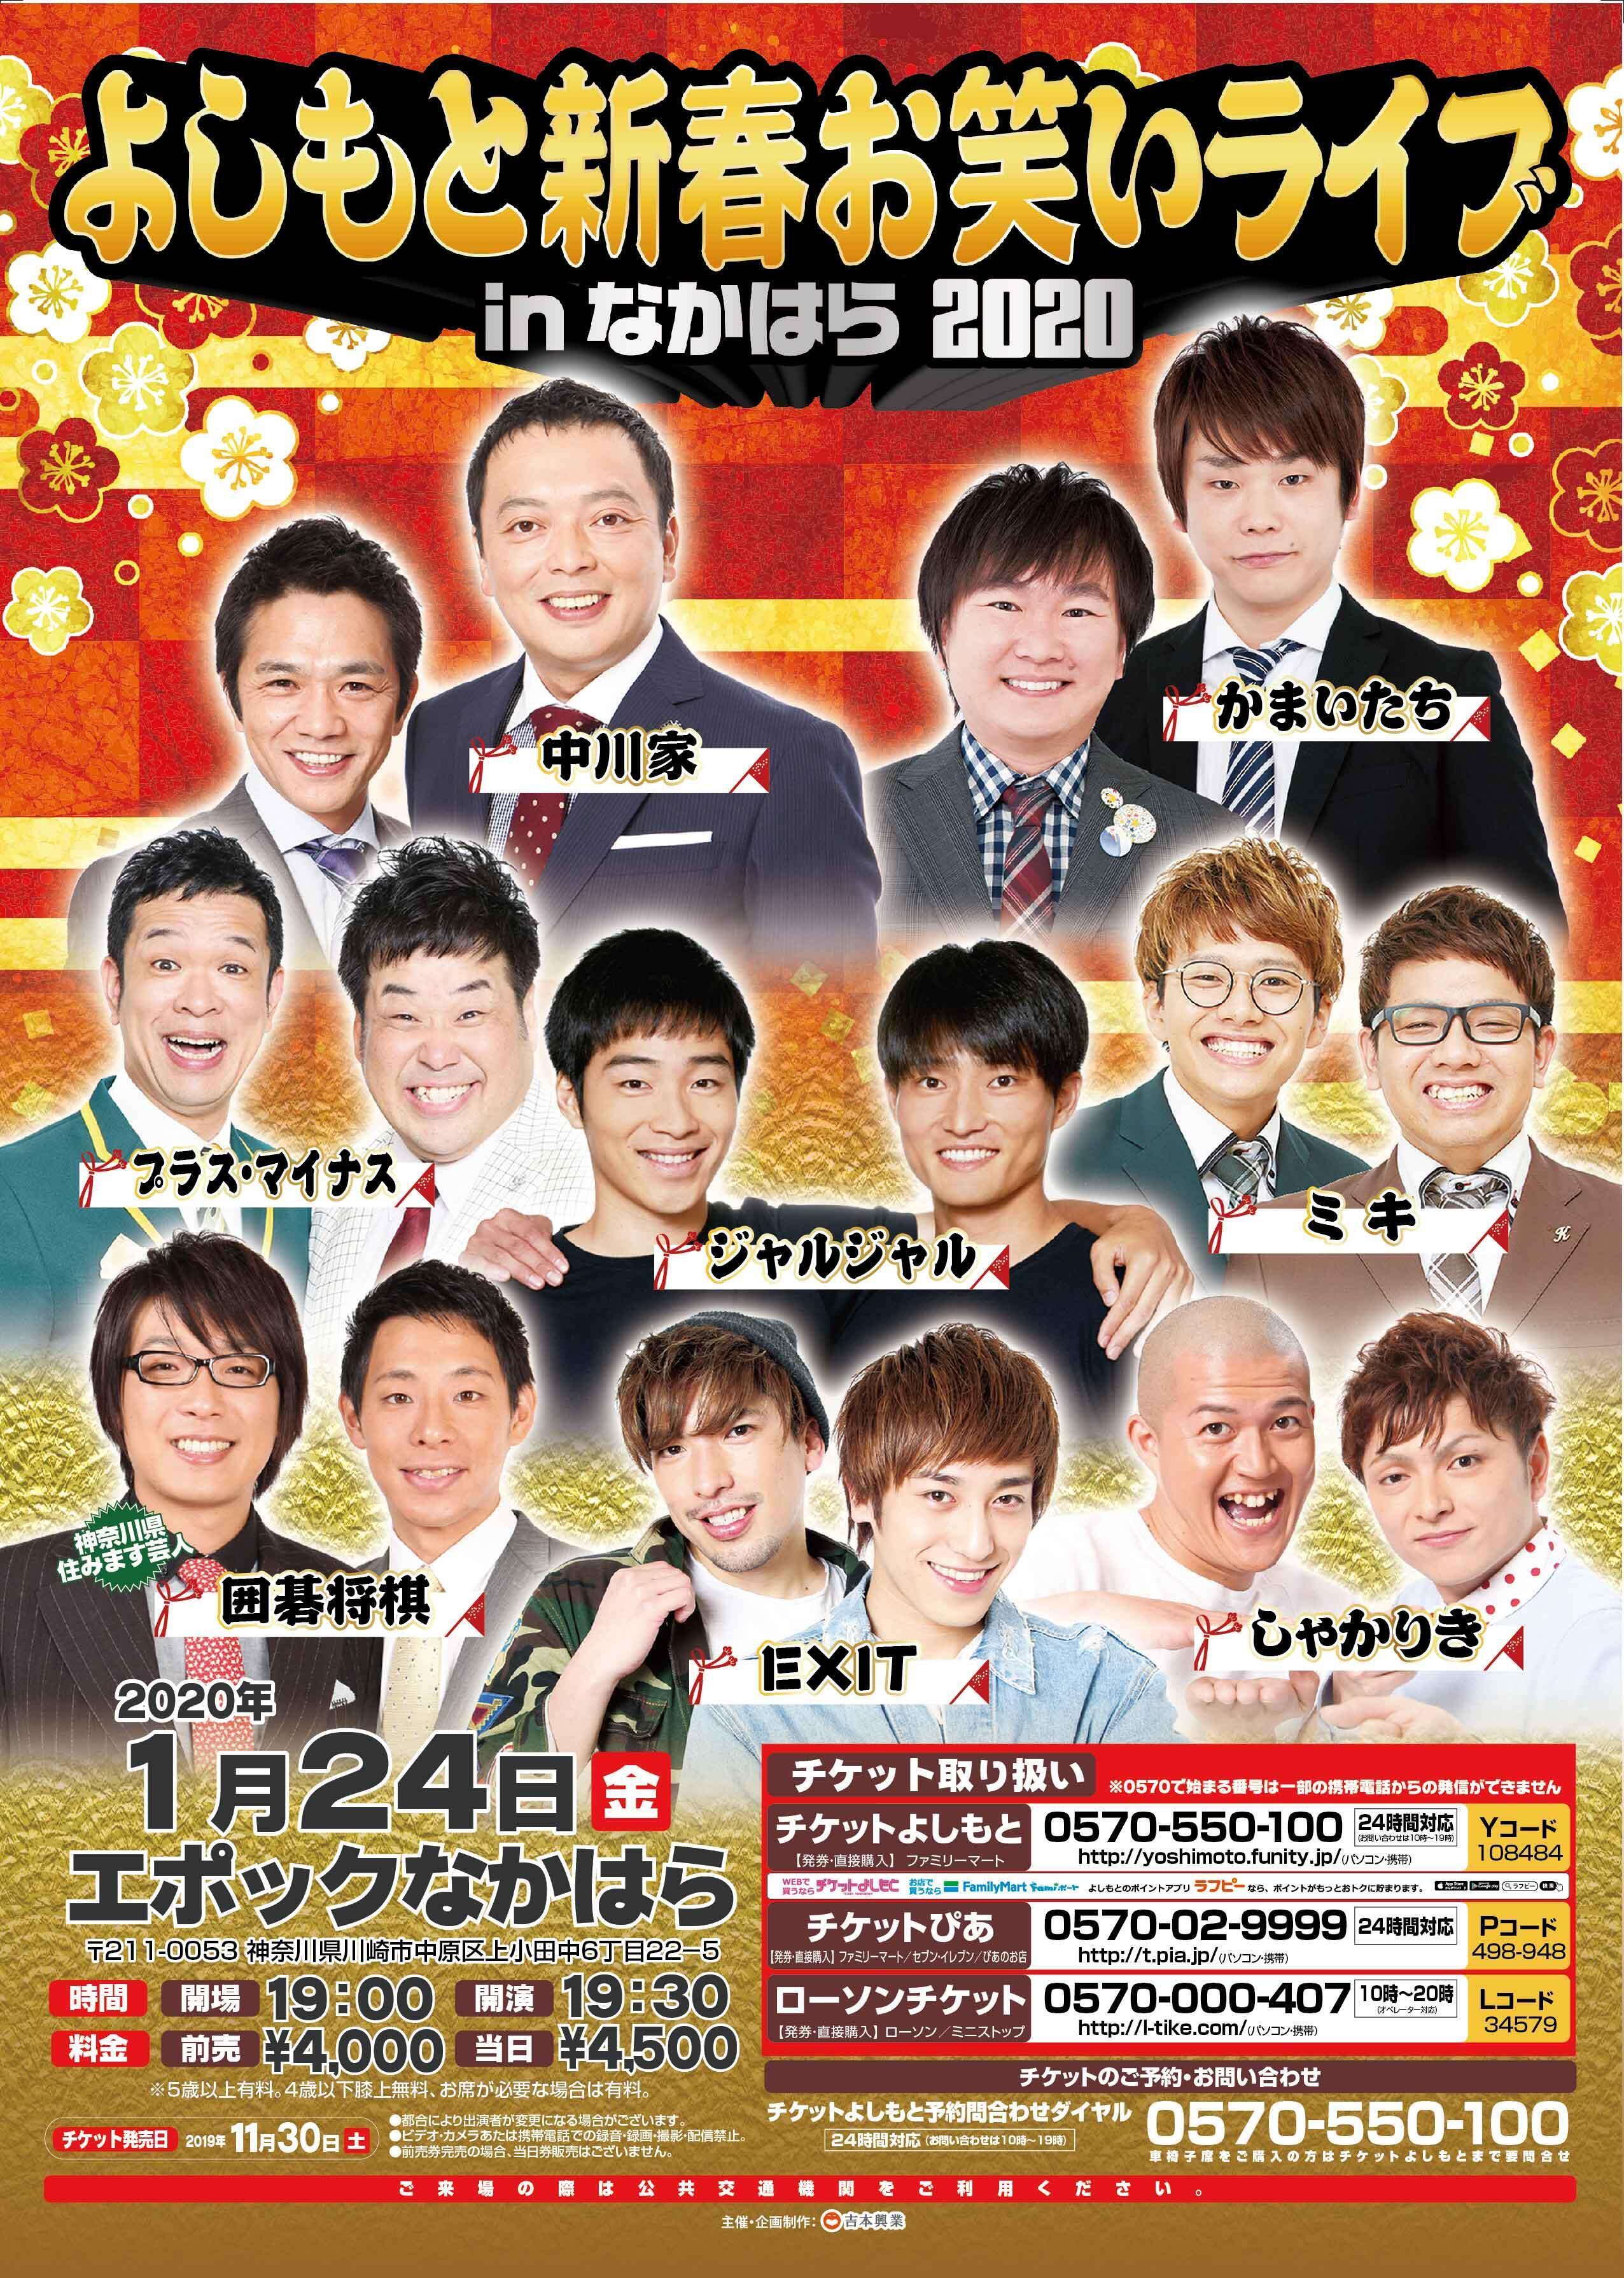 http://www.syumatsu.jp/20191120161225-3edb9ab7d520118cbe0697177aec6def0636123a.jpg